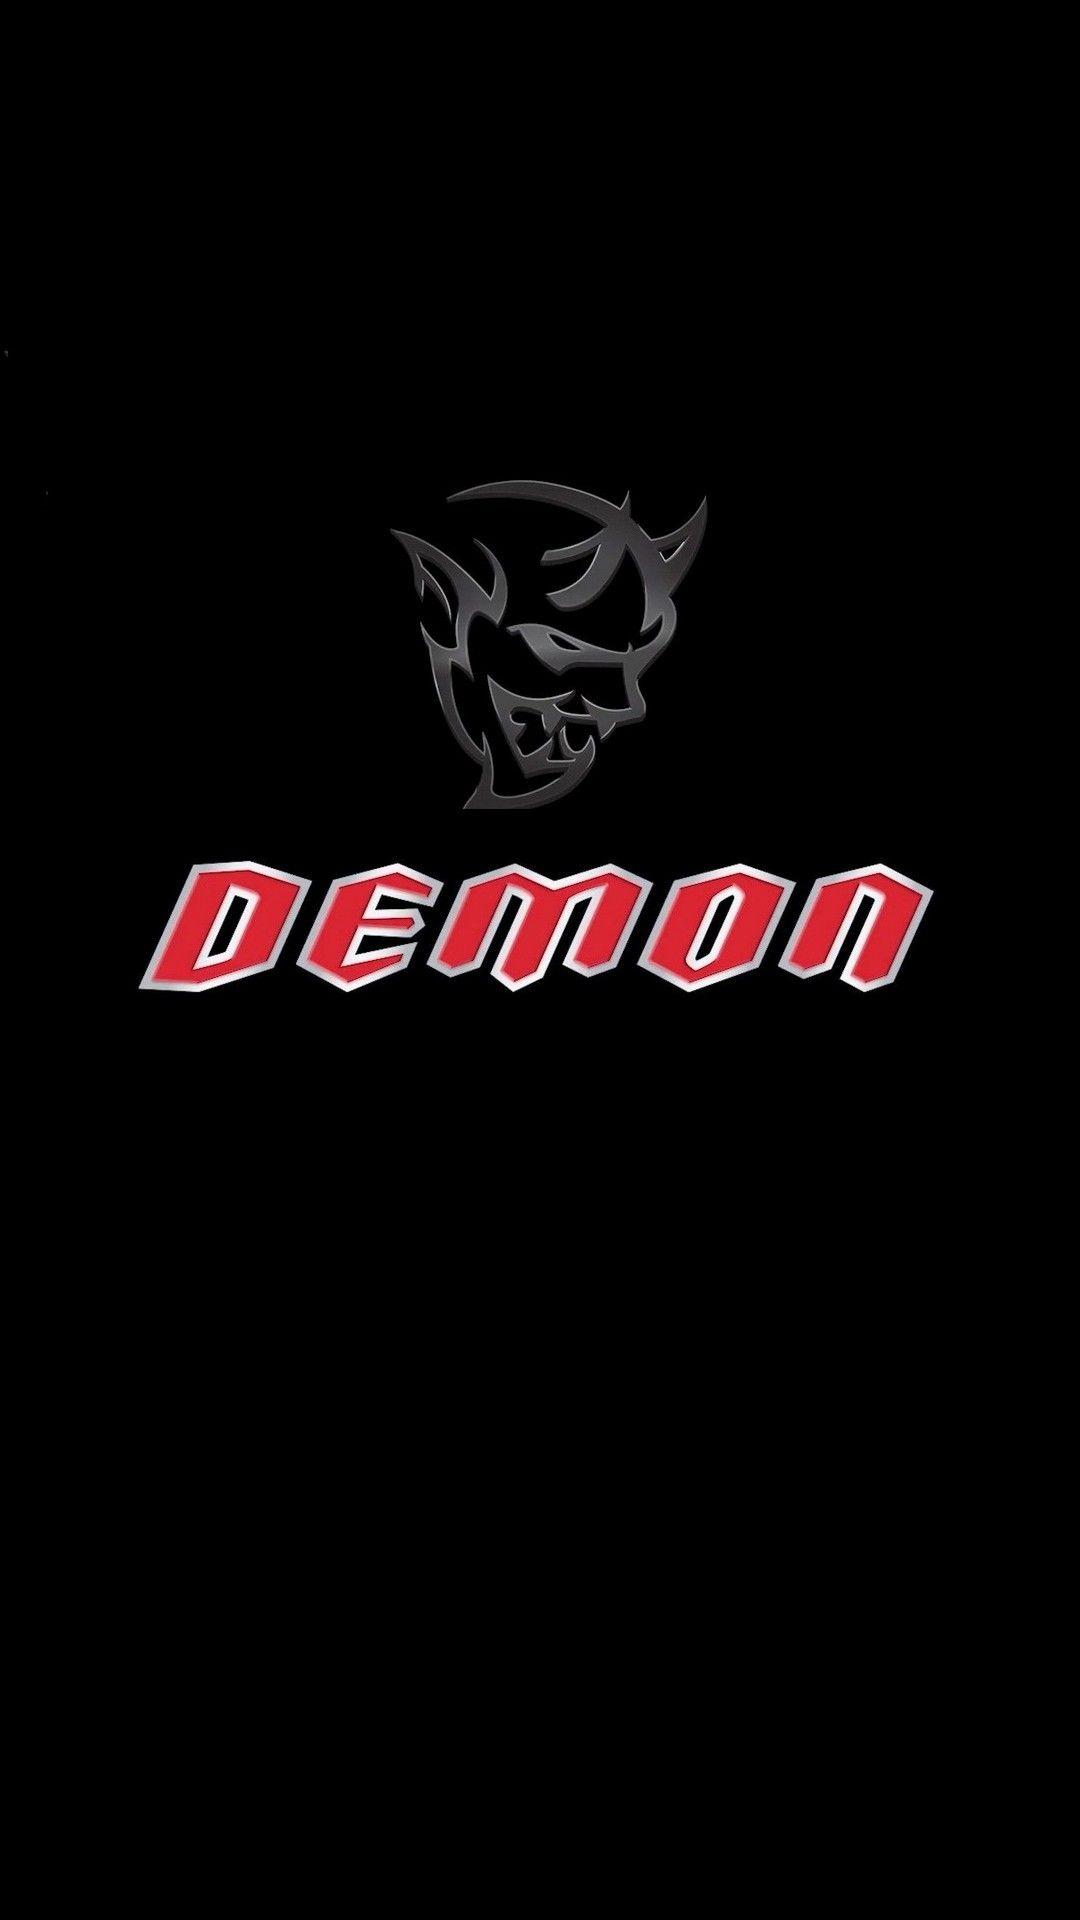 dodge demon logo iphone wallpaper 2018 iphone wallpapers